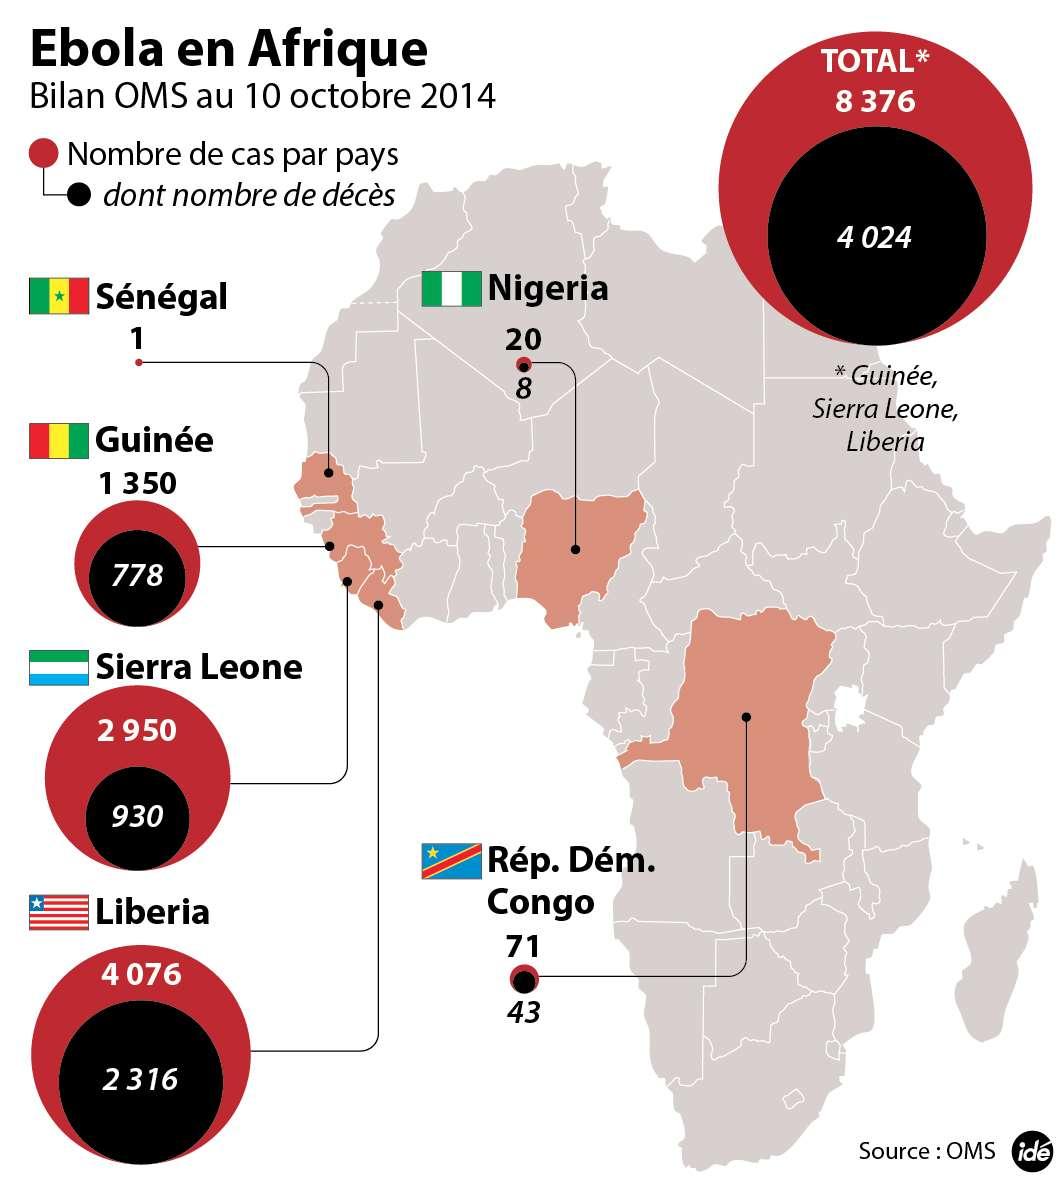 Au 10 octobre, le virus Ébola avait tué quatre mille fois. Le nombre de personnes infectées dépasserait désormais 8.000 selon l'OMS. La progression de l'épidémie se poursuit mais elle semble ralentie dans certaines régions. Cependant, la mortalité est très élevée dans les pays les plus touchés. © Idé